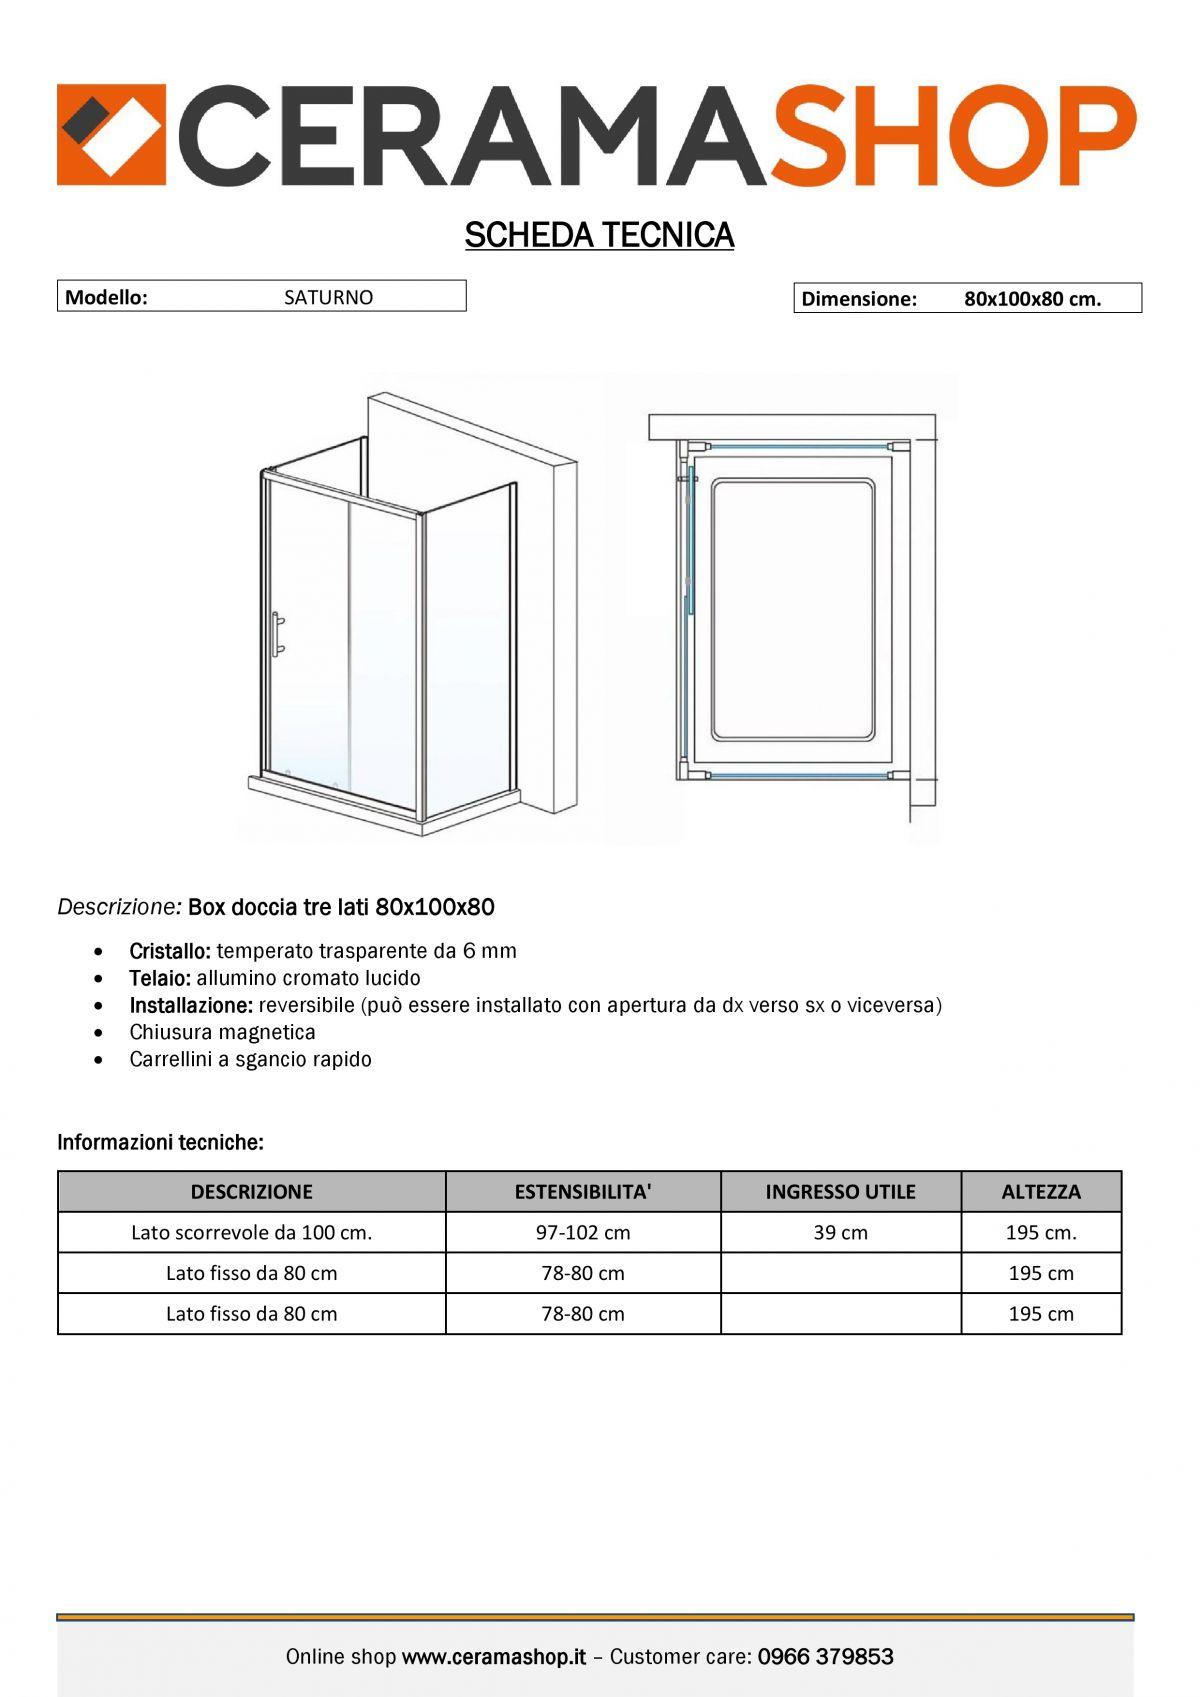 """80x100x80 0000012 scaled Box Cabina doccia tre lati """"Saturno"""" 80x100x80 cm scorrevole cristallo trasparente 6 mm"""